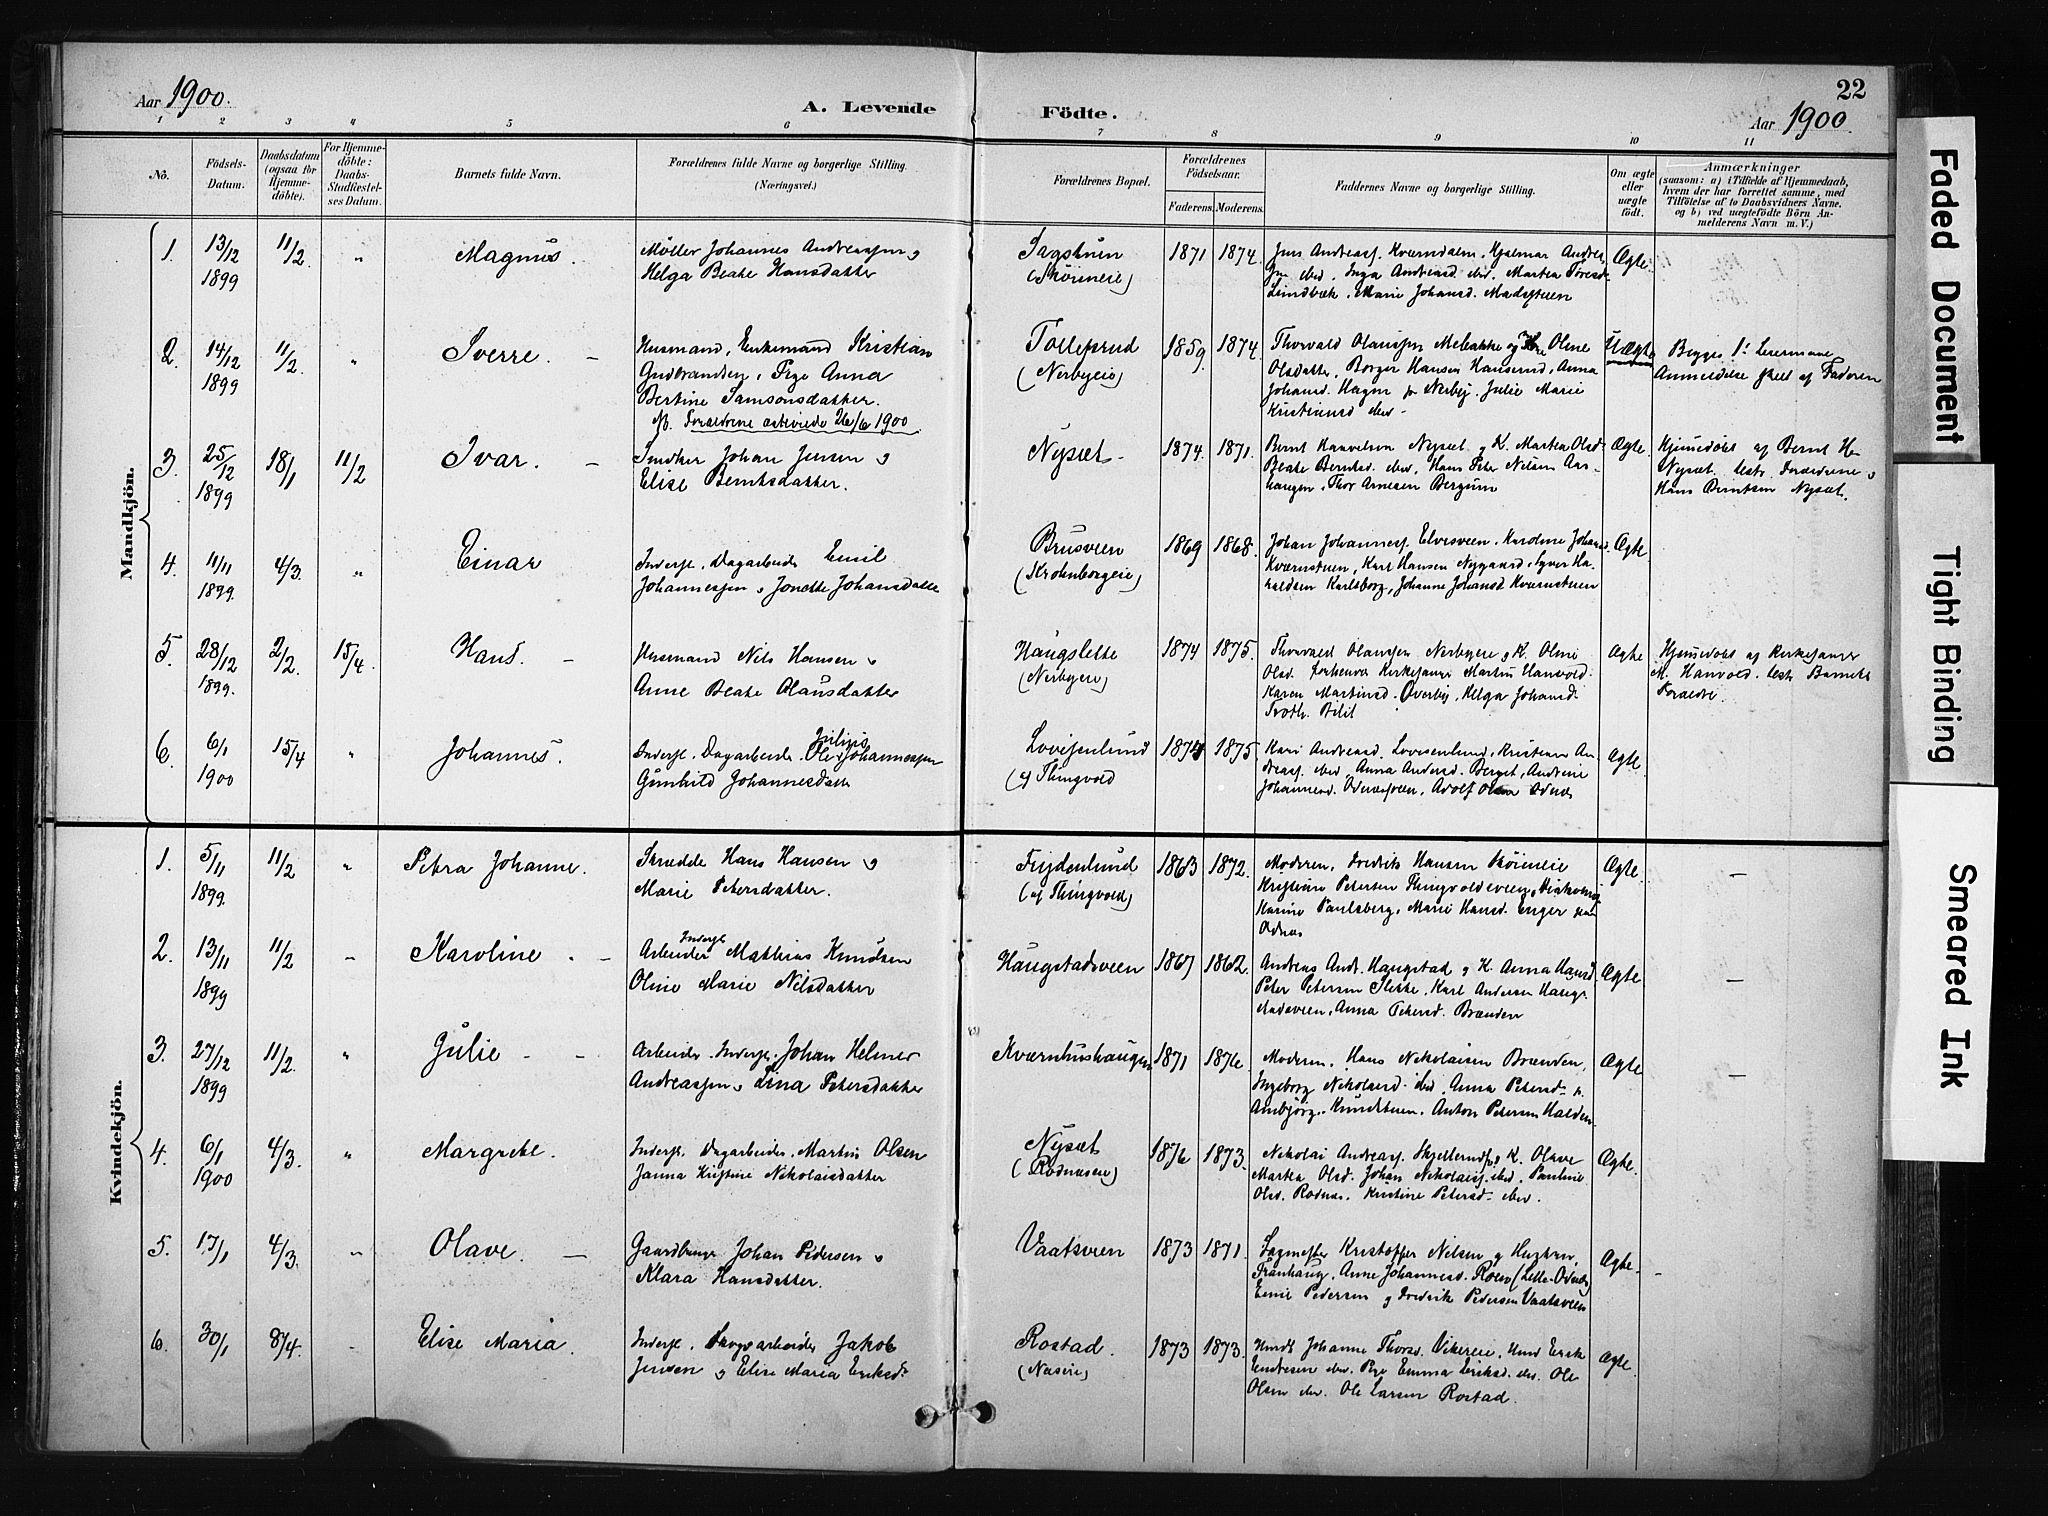 SAH, Søndre Land prestekontor, K/L0004: Ministerialbok nr. 4, 1895-1904, s. 22